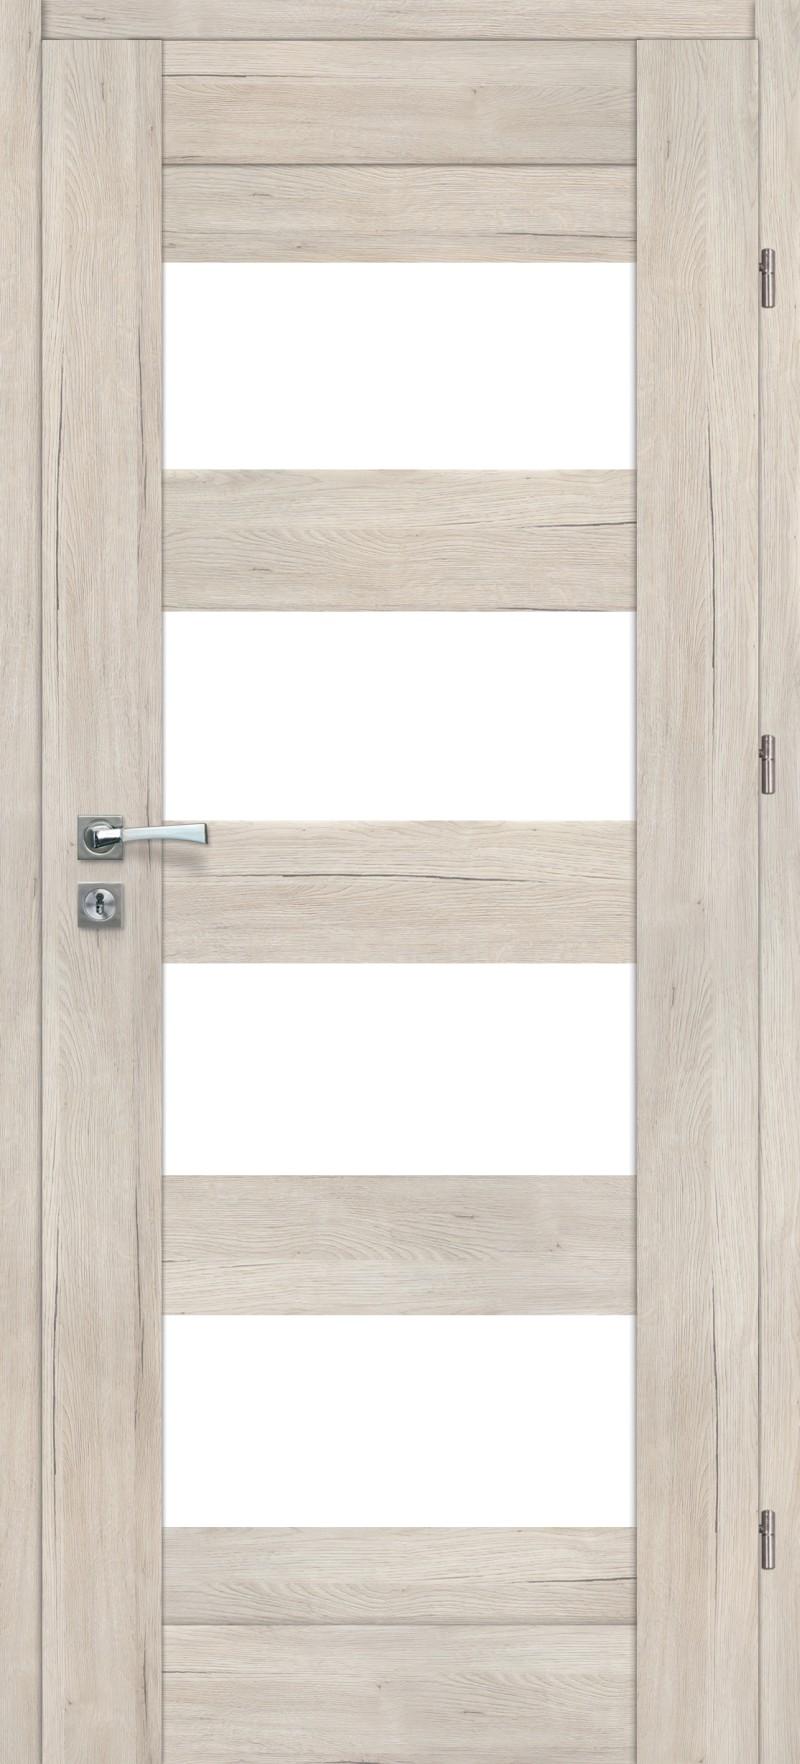 Drzwi z przeszkleniem Ibiza 0_4 dąb Montana | Wrocław